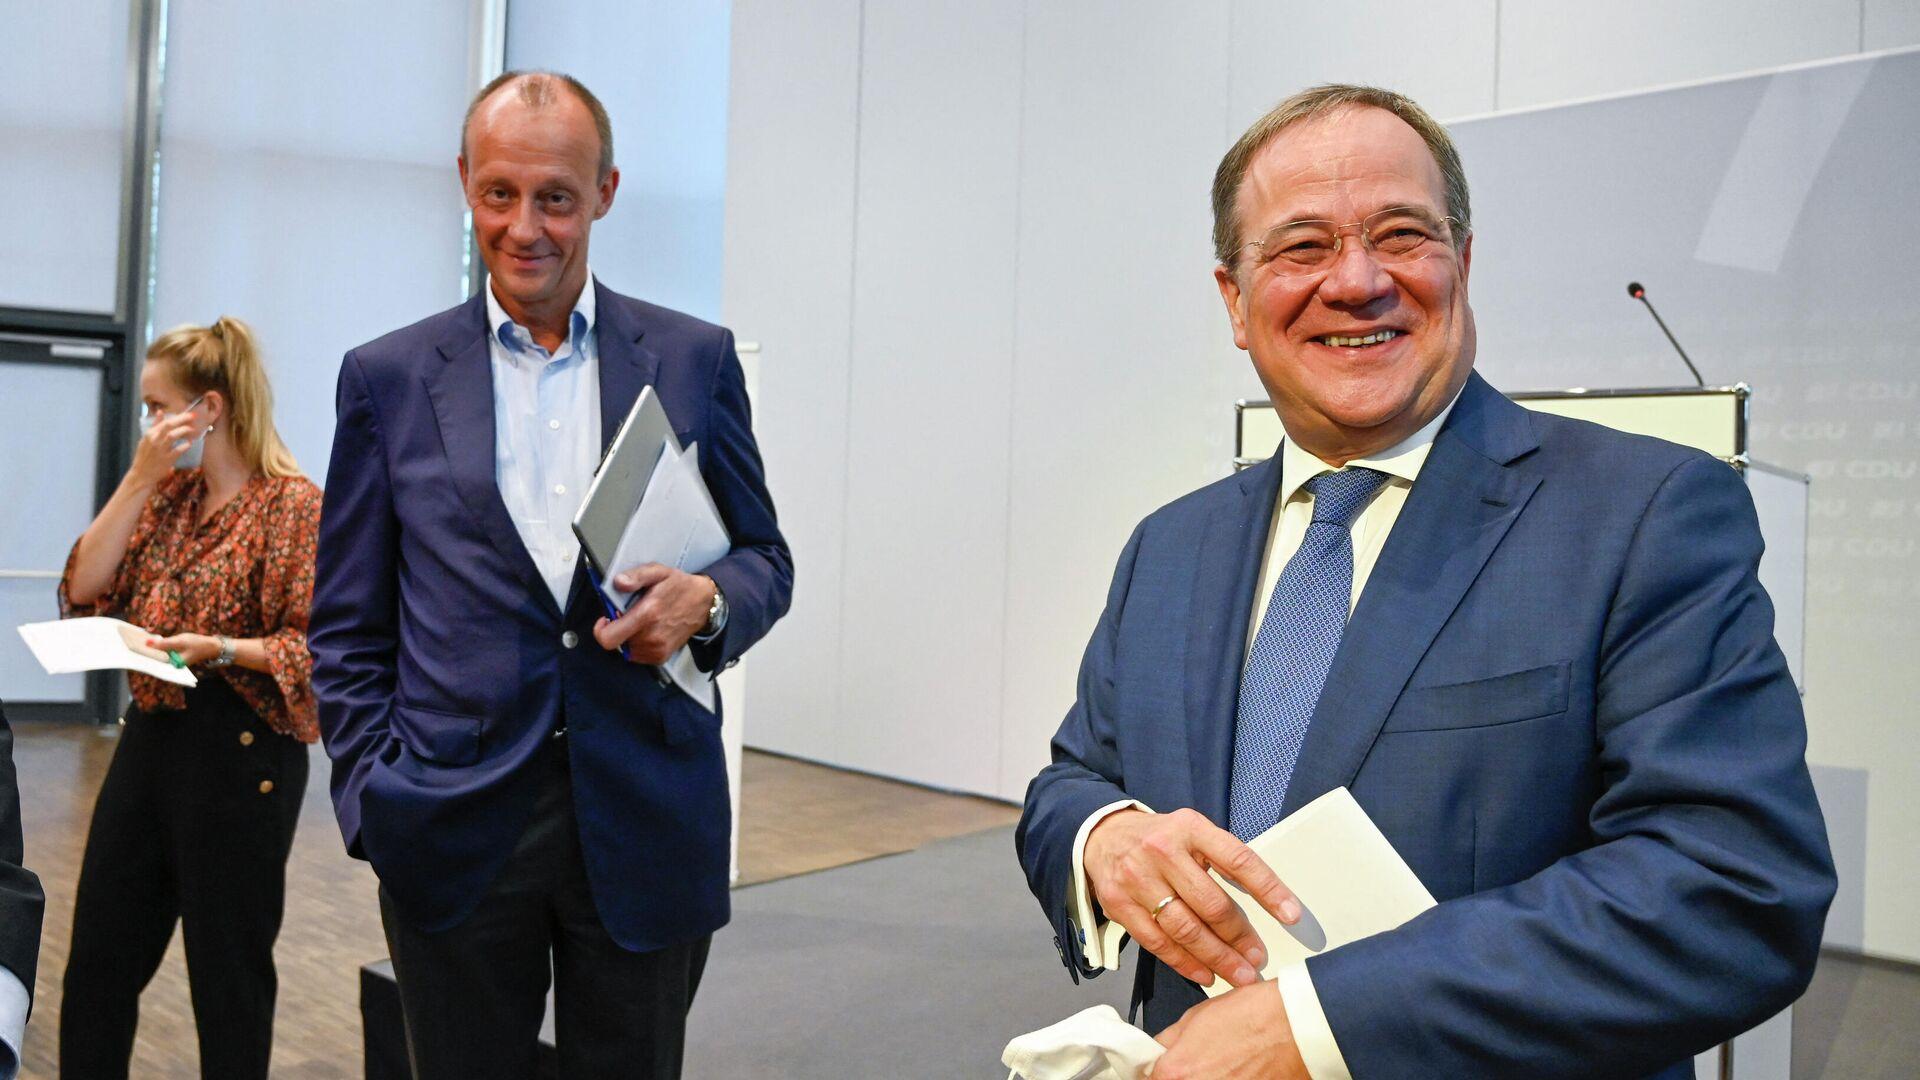 Der nordrhein-westfälische Ministerpräsident Armin Laschet, CDU-Vorsitzender und Kanzlerkandidat, und der CDU-Politiker Friedrich Merz  - SNA, 1920, 08.10.2021